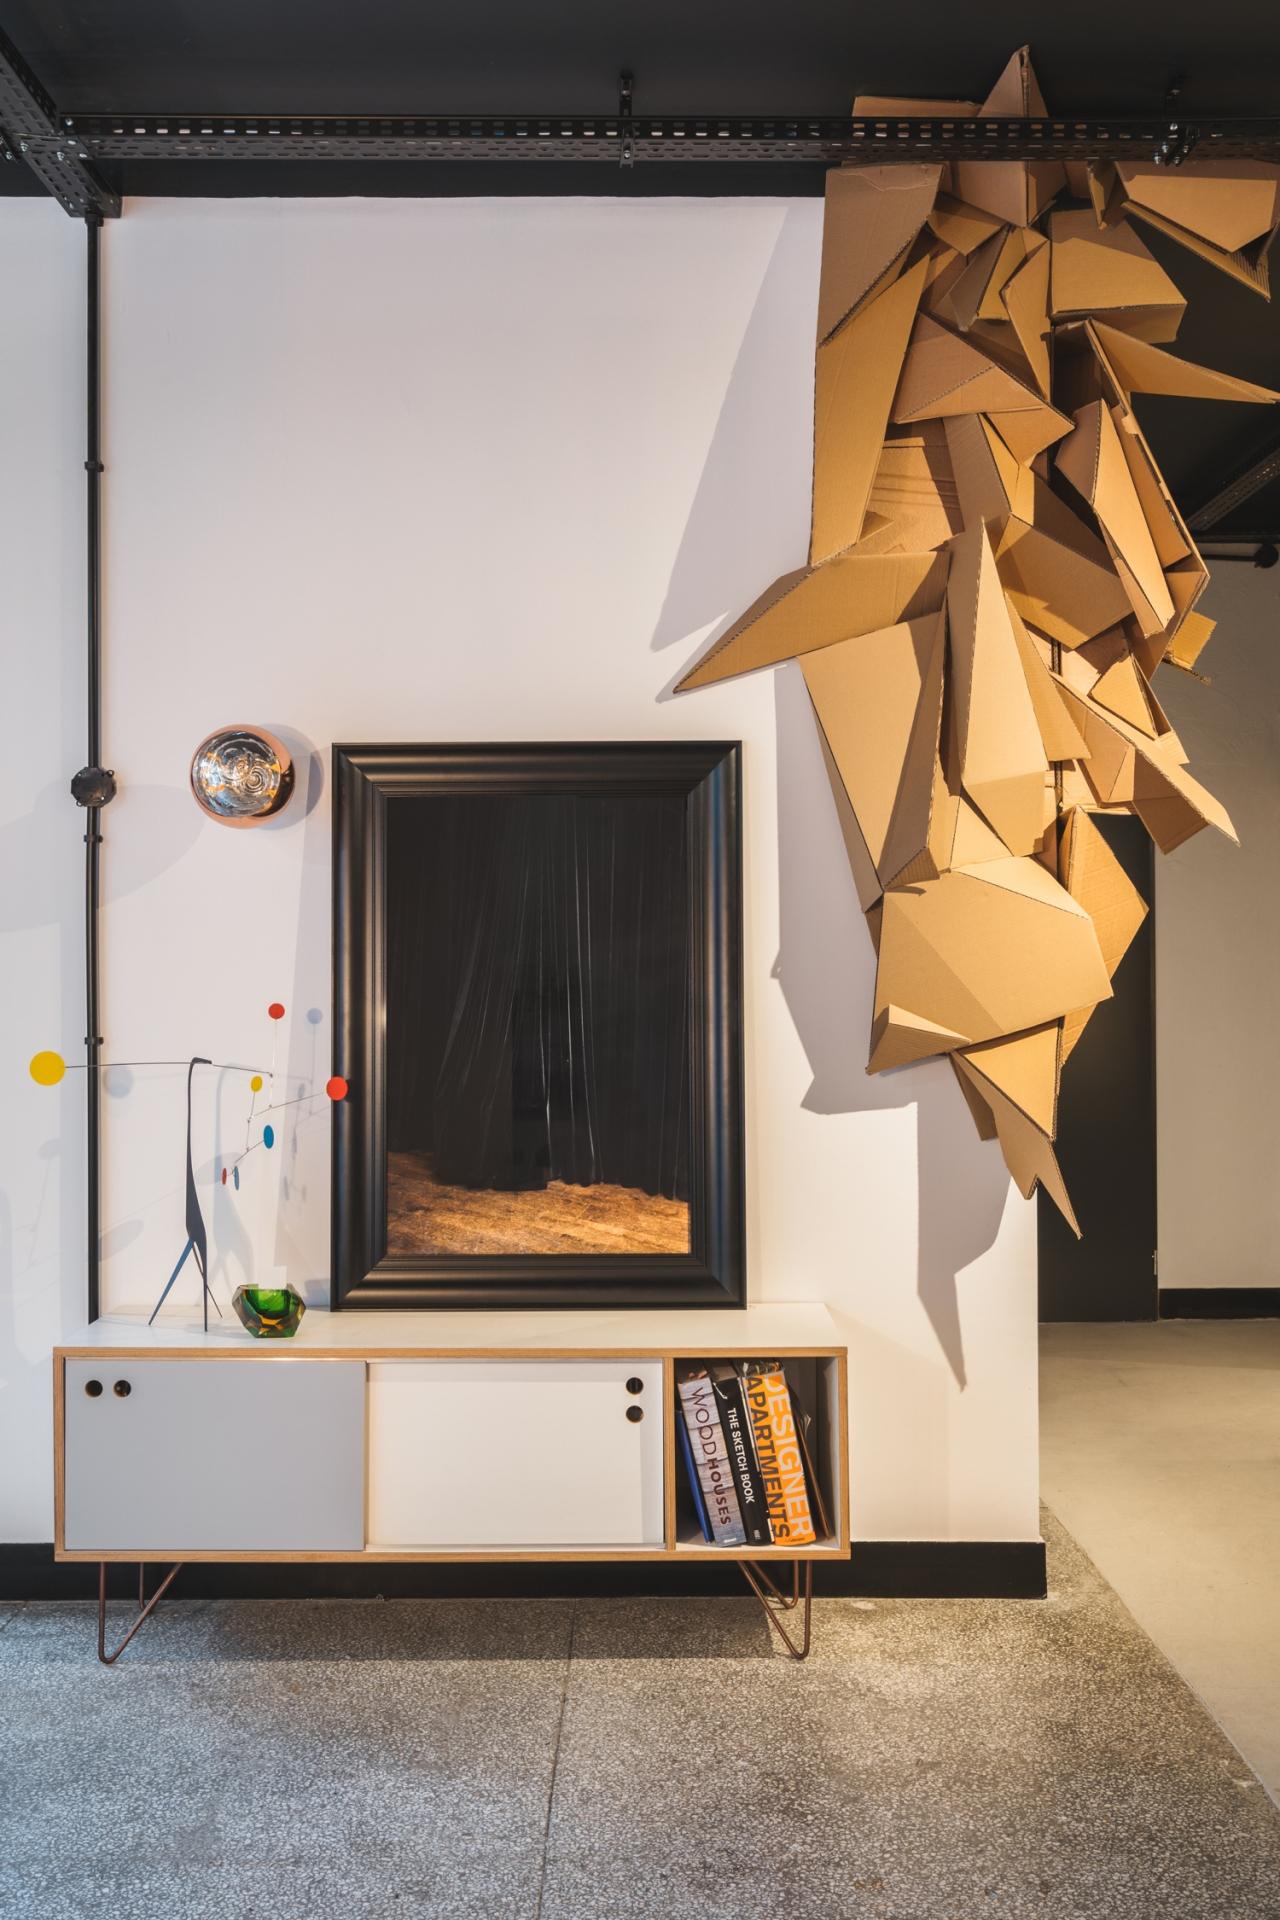 Intterno-concept-store-designalive-11